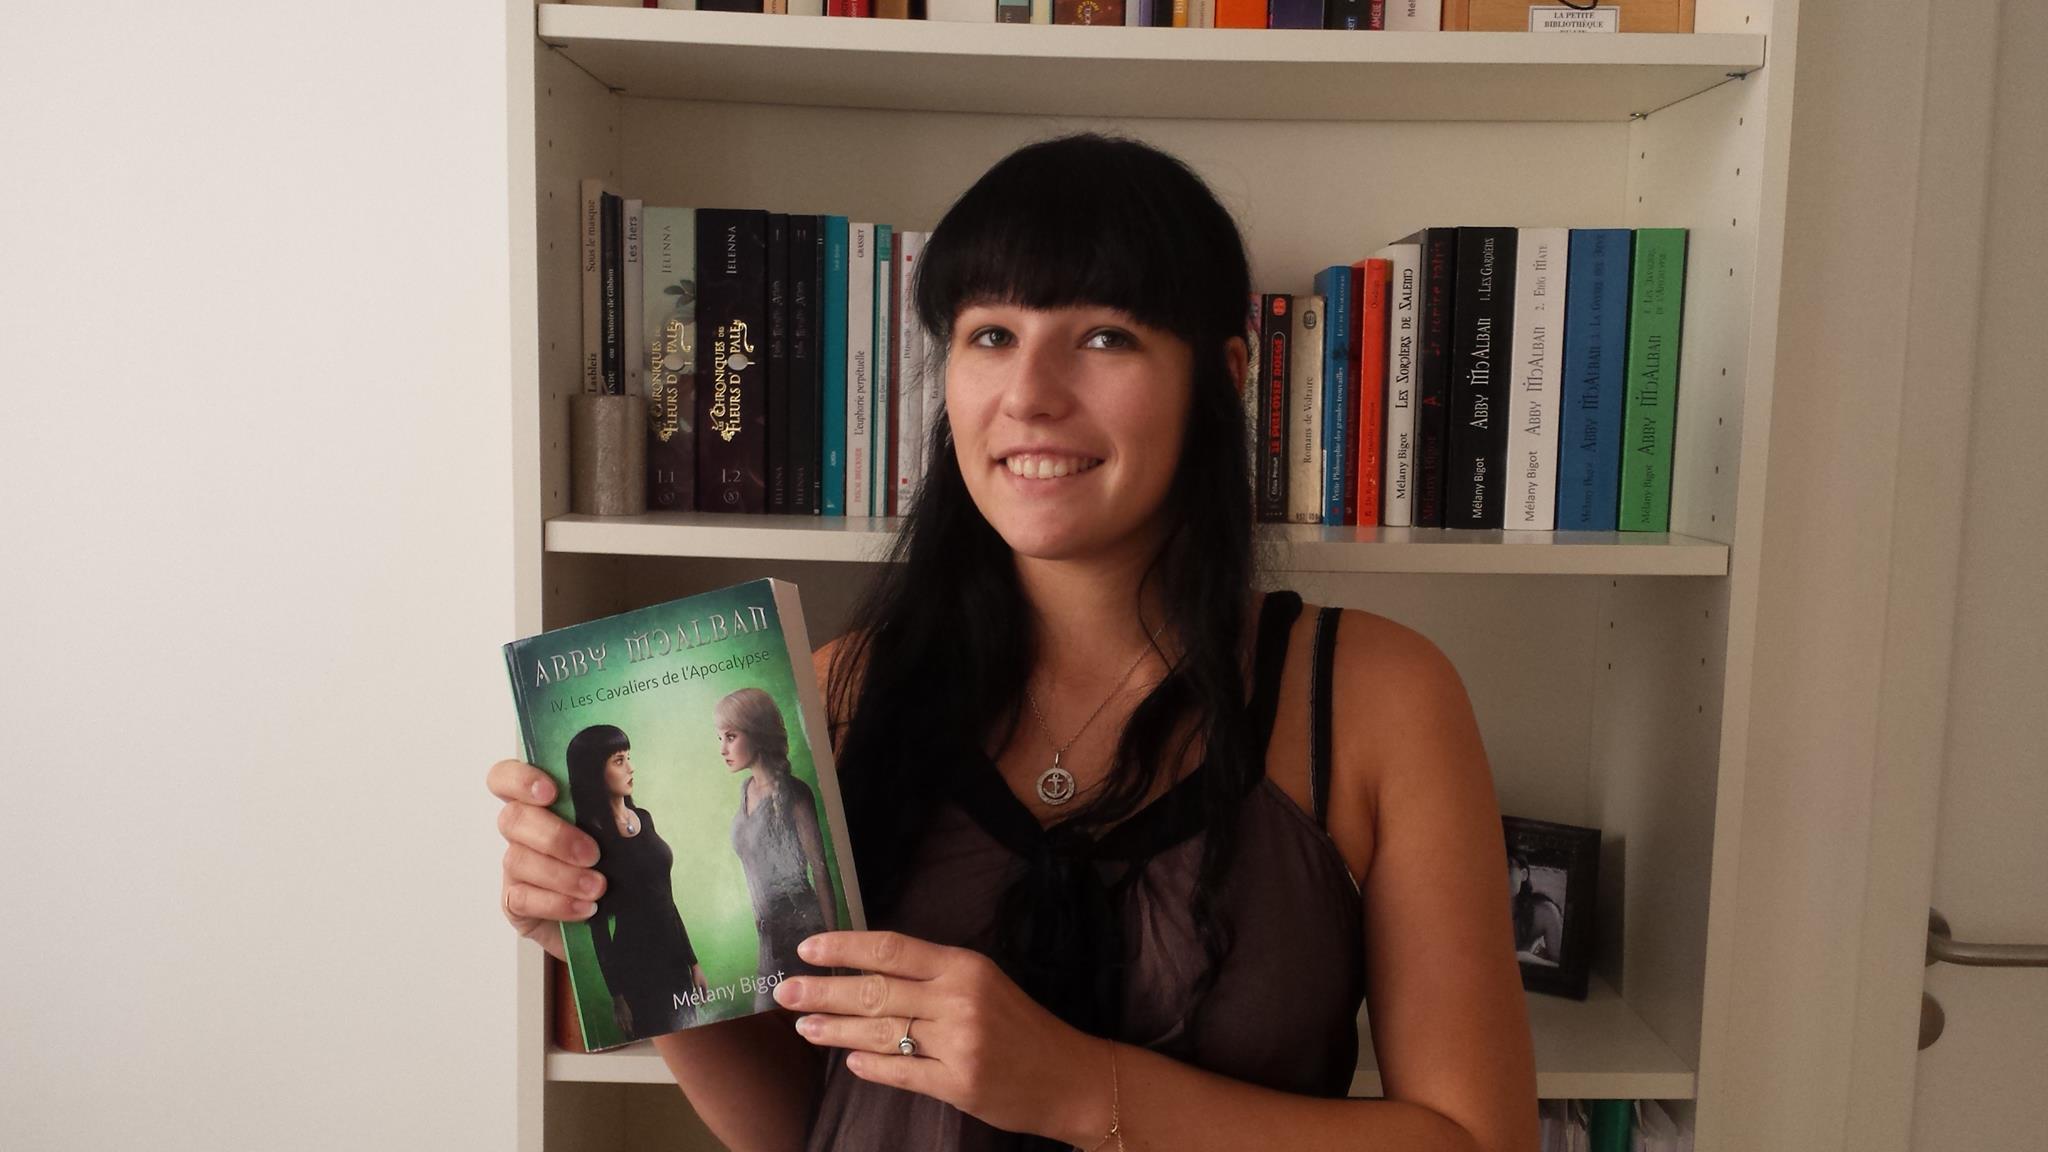 Abby McAlban – Les Cavaliers de l'Apocalypse